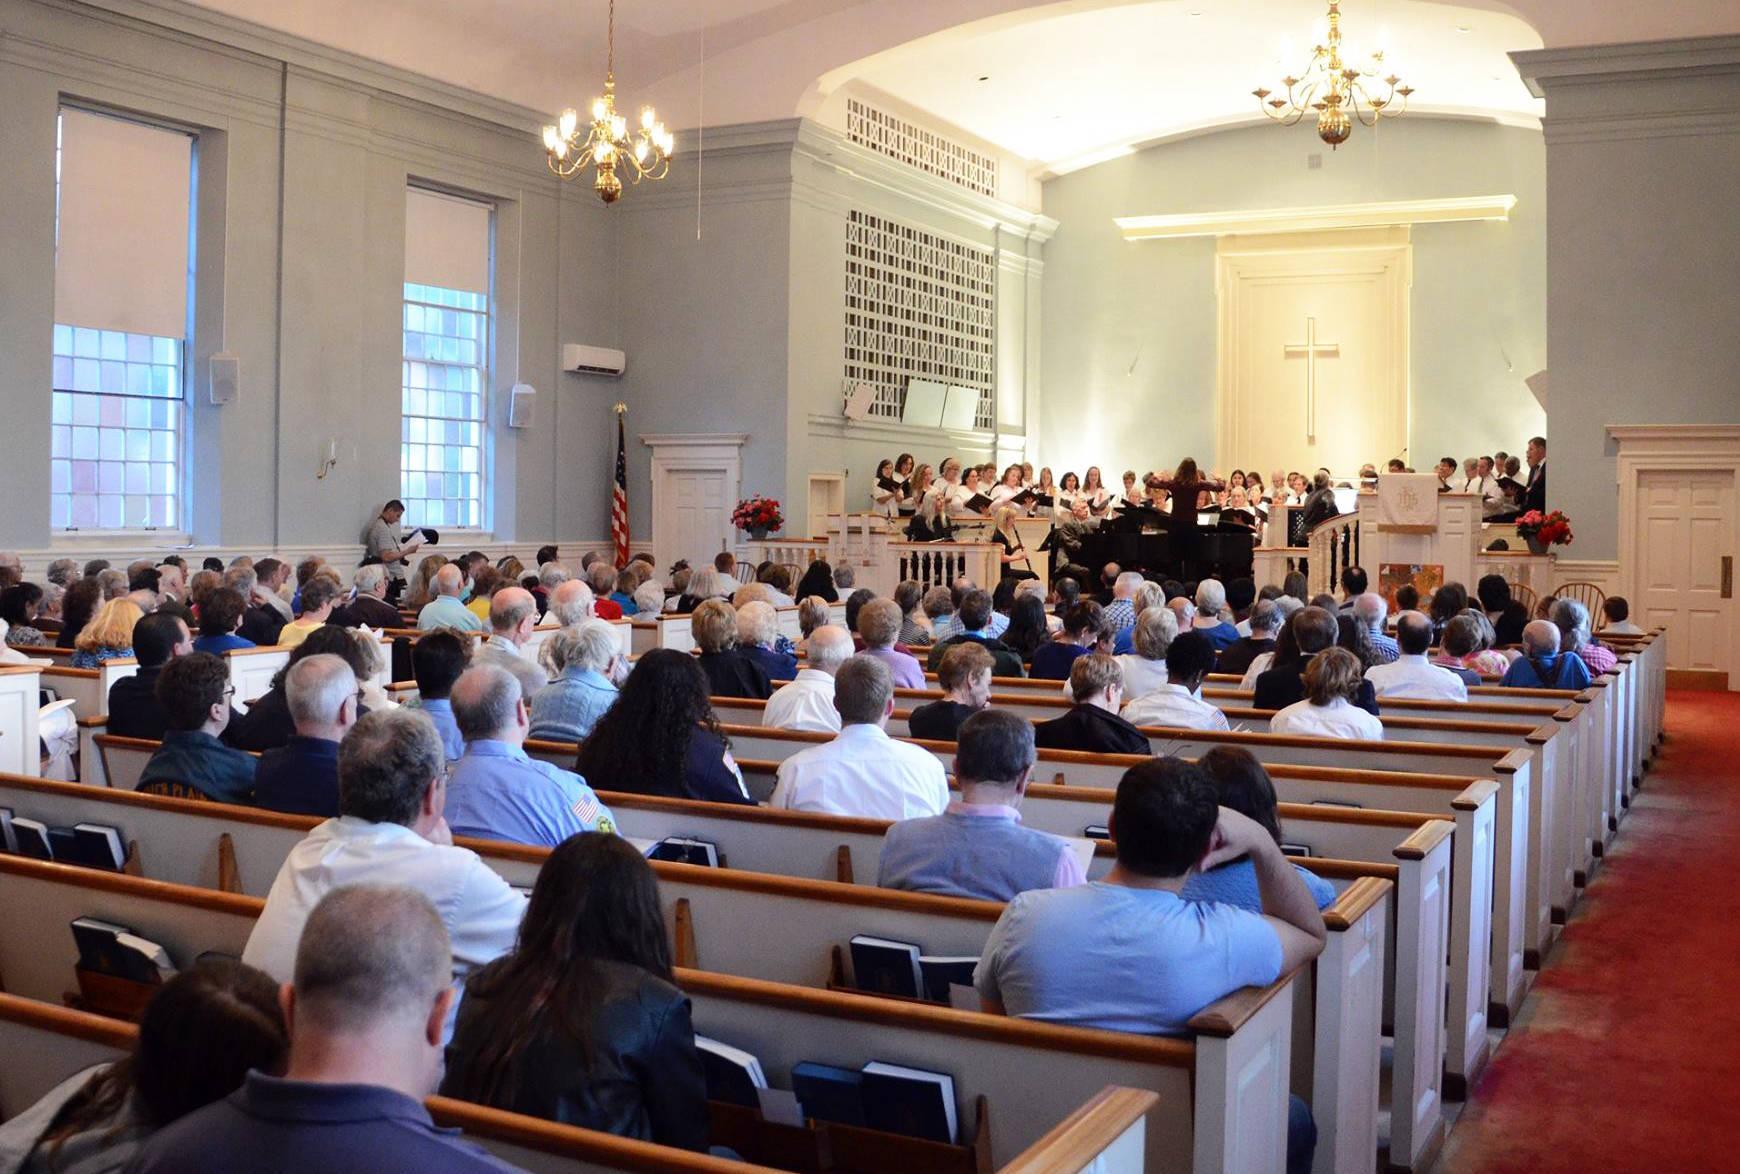 f1a2022311e546428043_Fanwood_Presbyterian-_Rescue_Squad_choir_concert_5-18-14.jpg